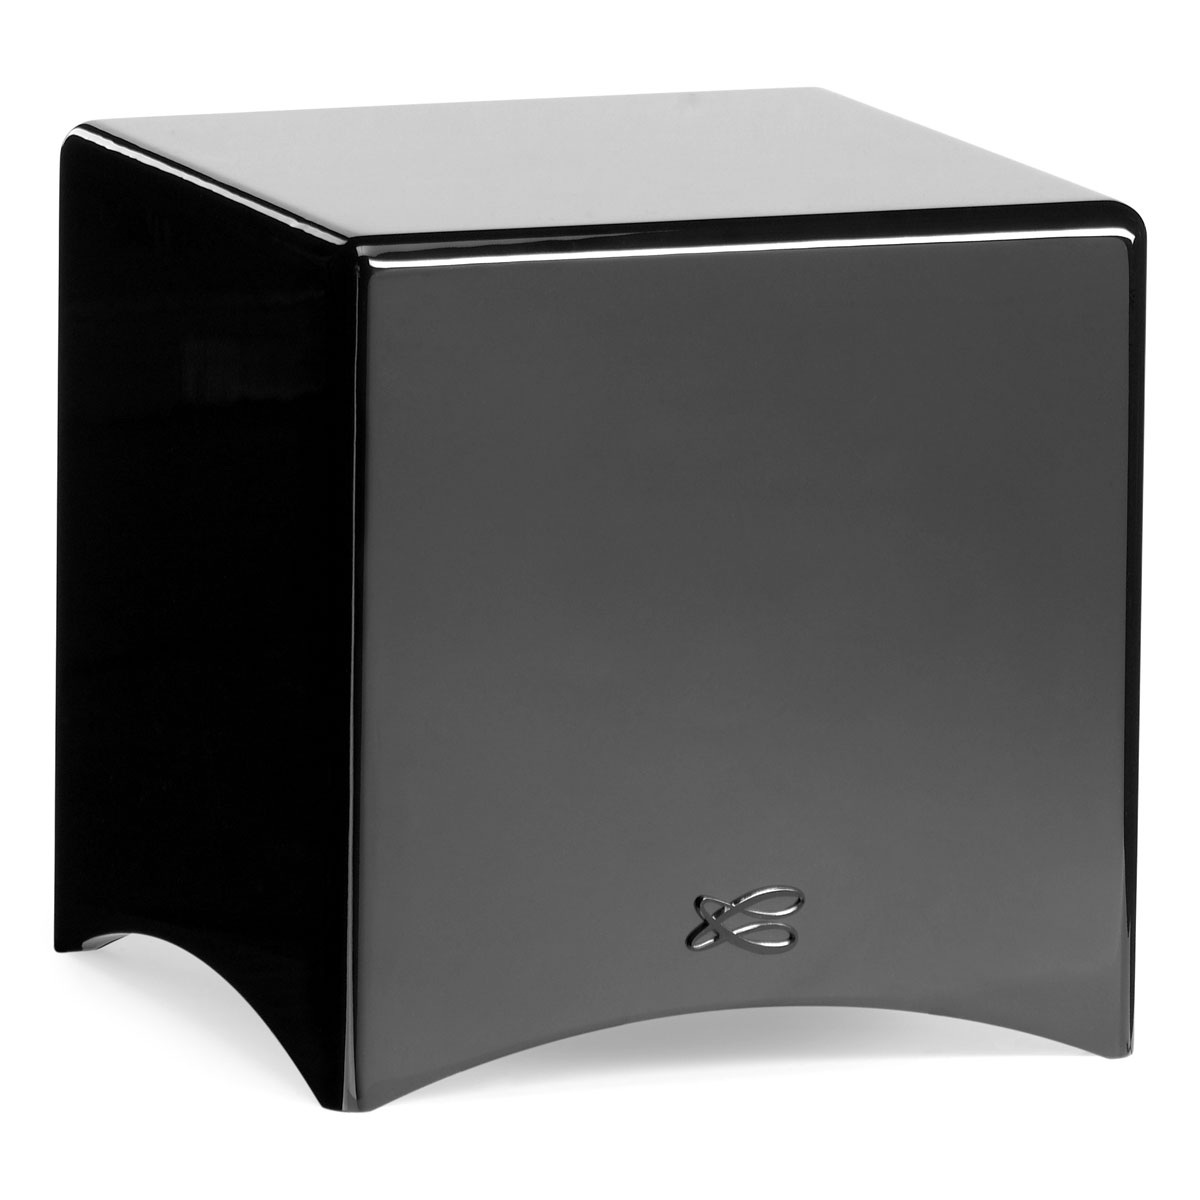 cabasse santorin 21m2 noir subwoofer cabasse sur ldlc. Black Bedroom Furniture Sets. Home Design Ideas